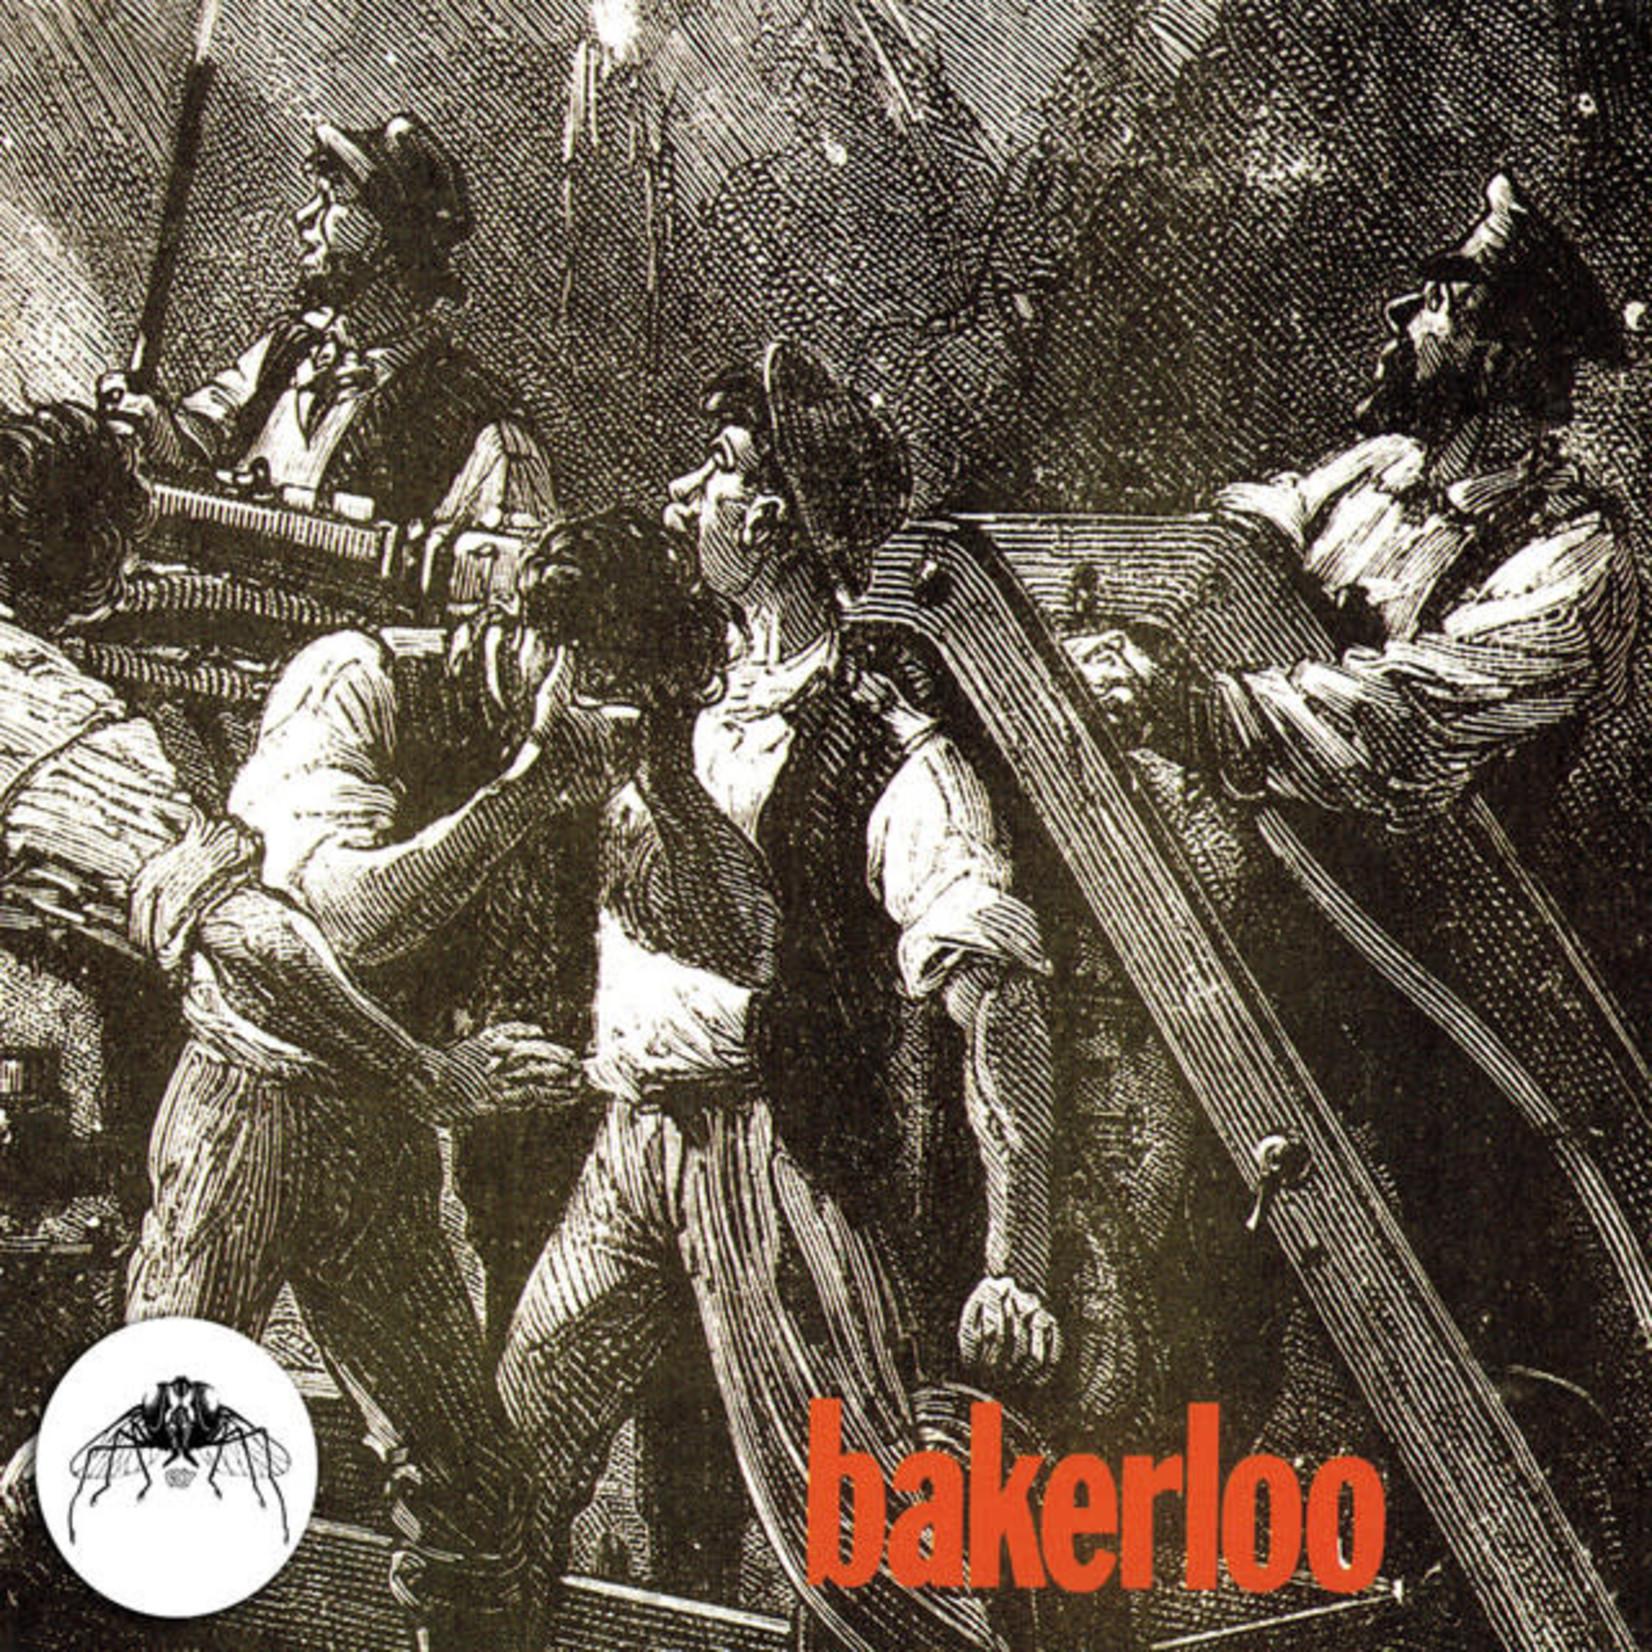 Vinyl Bakerloo - S/T